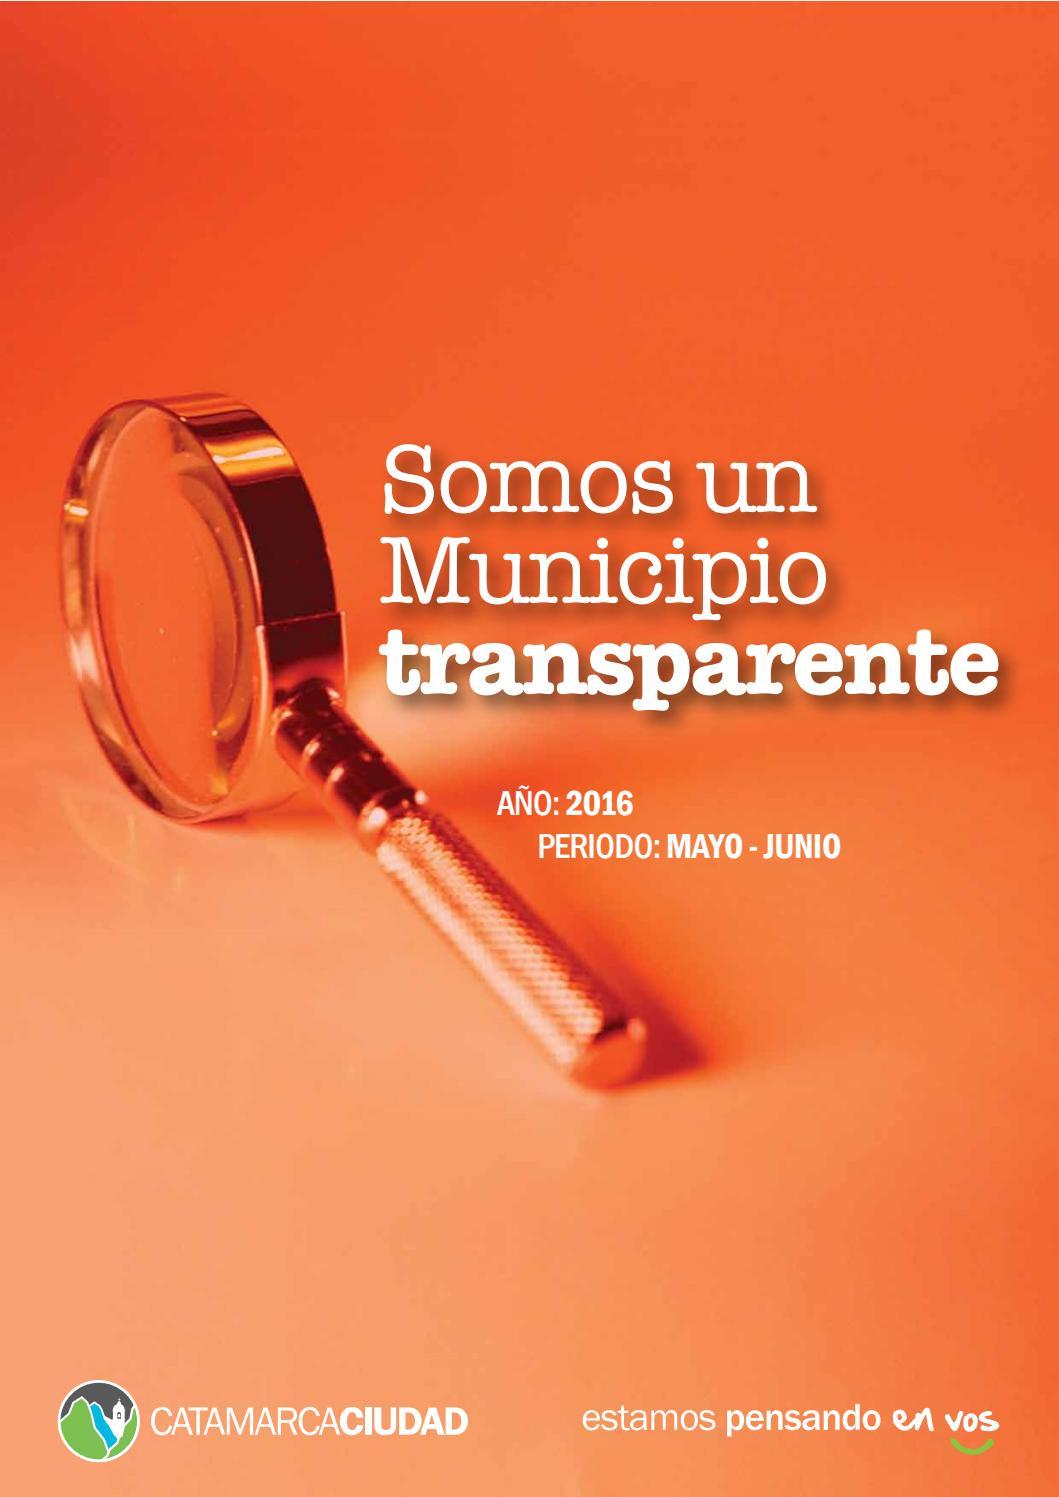 Somos Un Municipio Transparente Transparencia Municipal